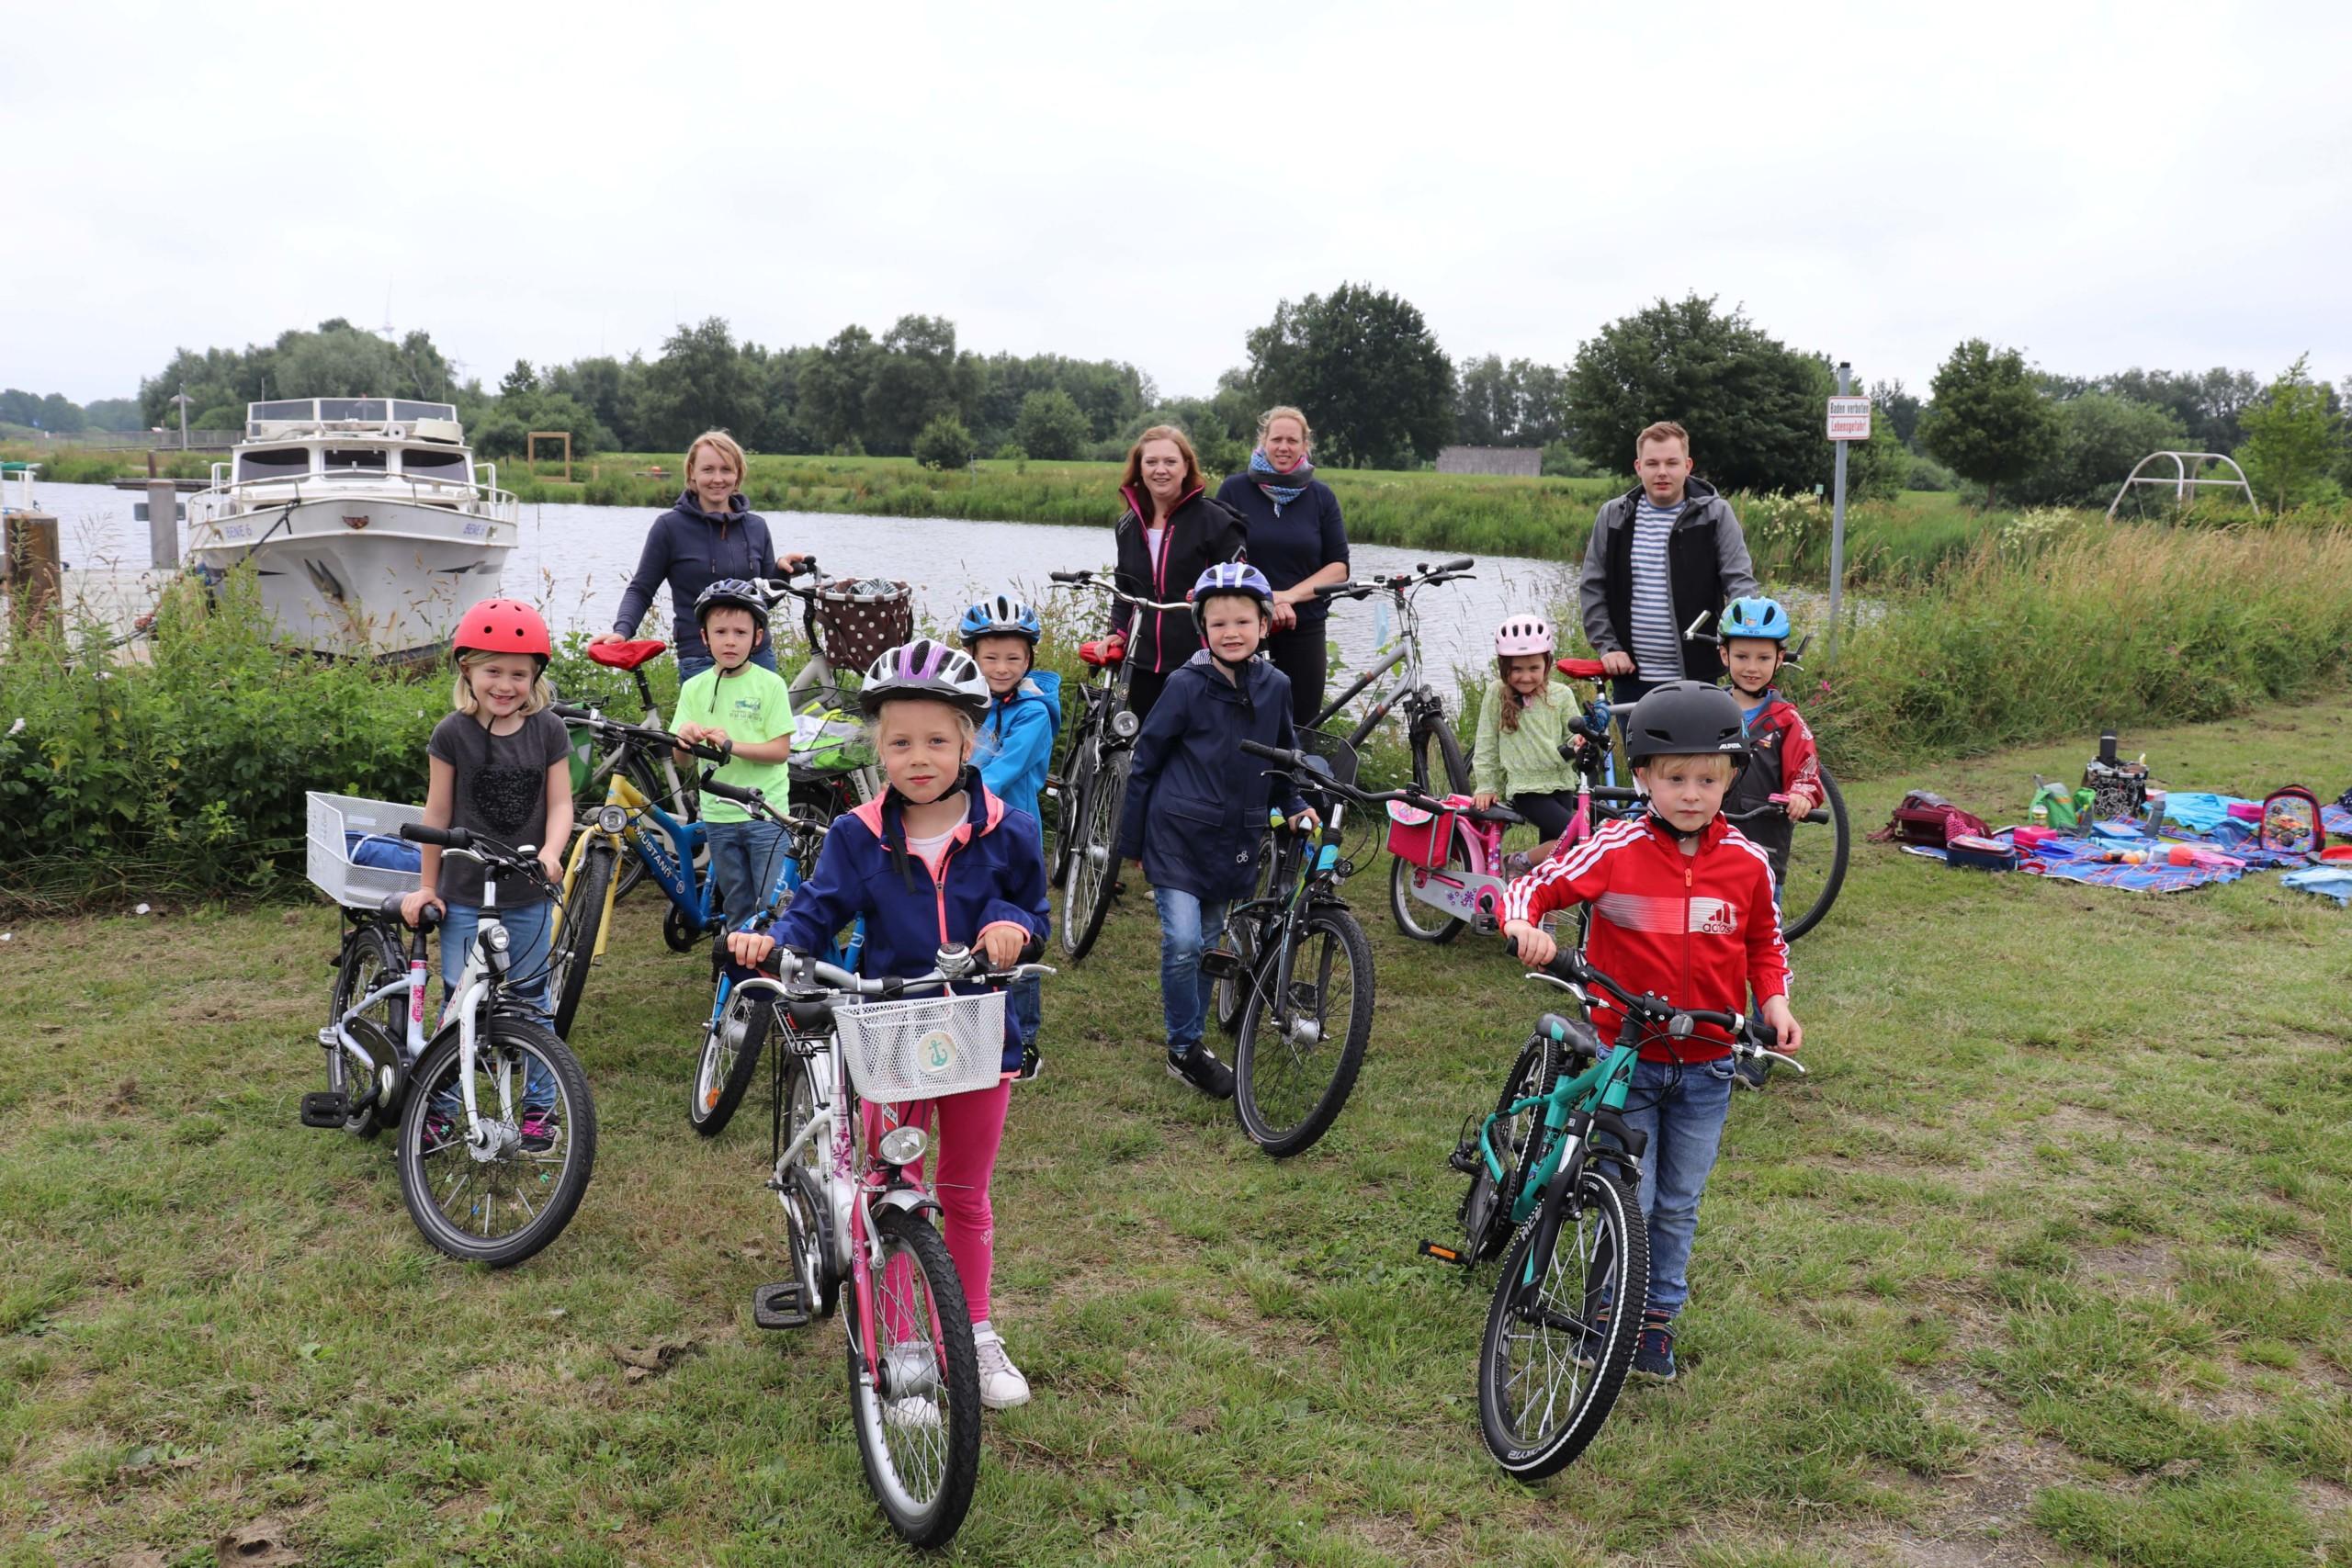 Die Glühwürmchen-Gruppe vom Kindergarten Die Arche machte eine lange Fahrradtour und erstmal ein Picknick beim Hafen. Aufnahme: Gemeinde Barßel